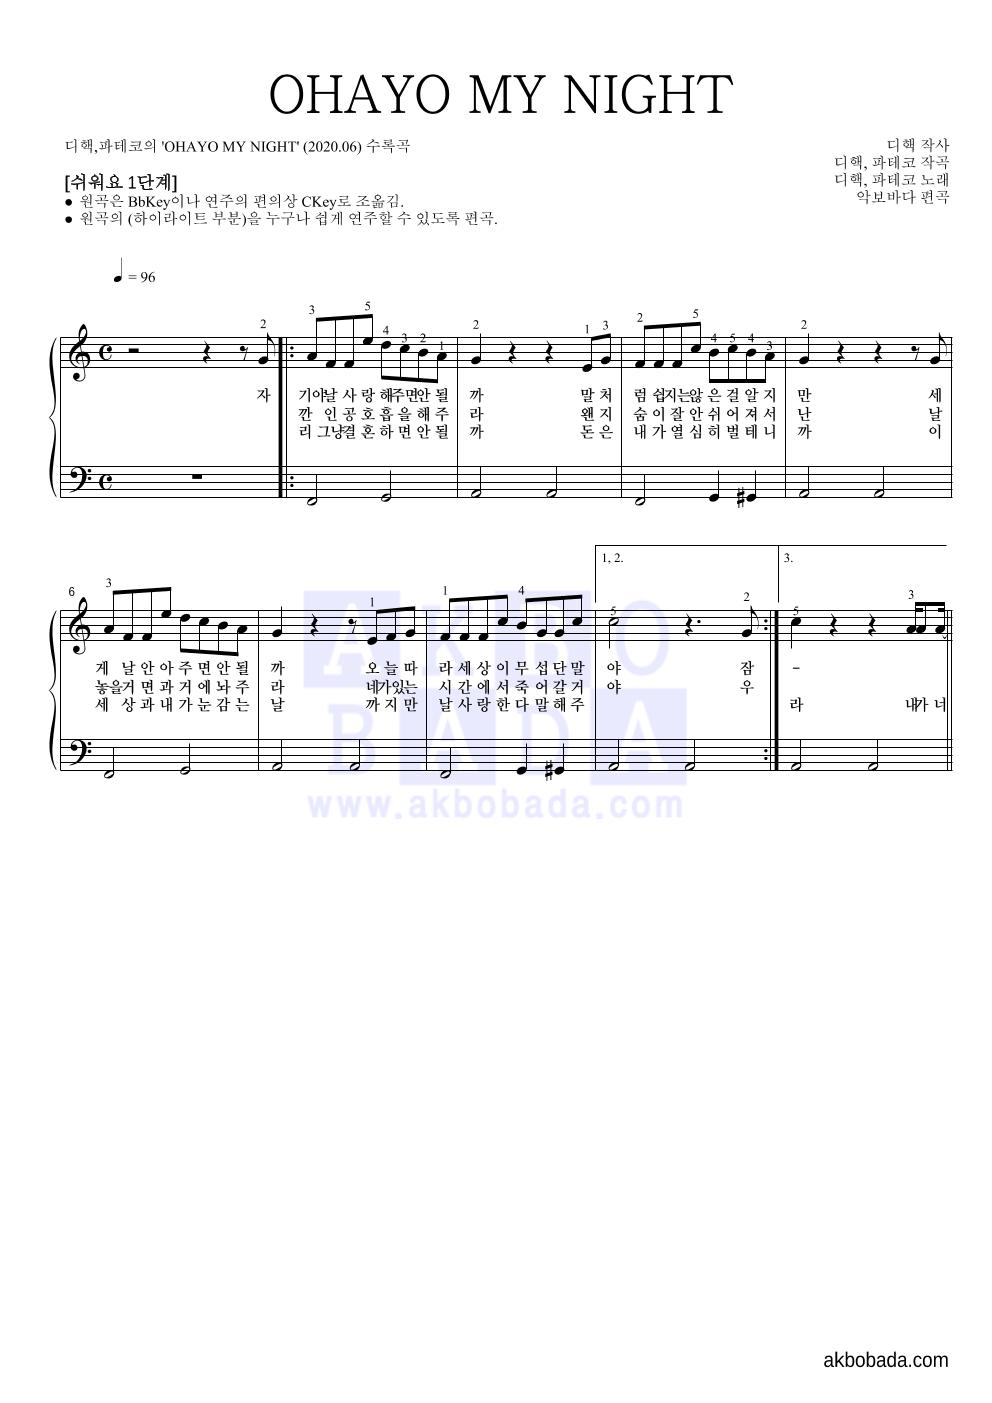 디핵,파테코 - OHAYO MY NIGHT 피아노2단-쉬워요 악보